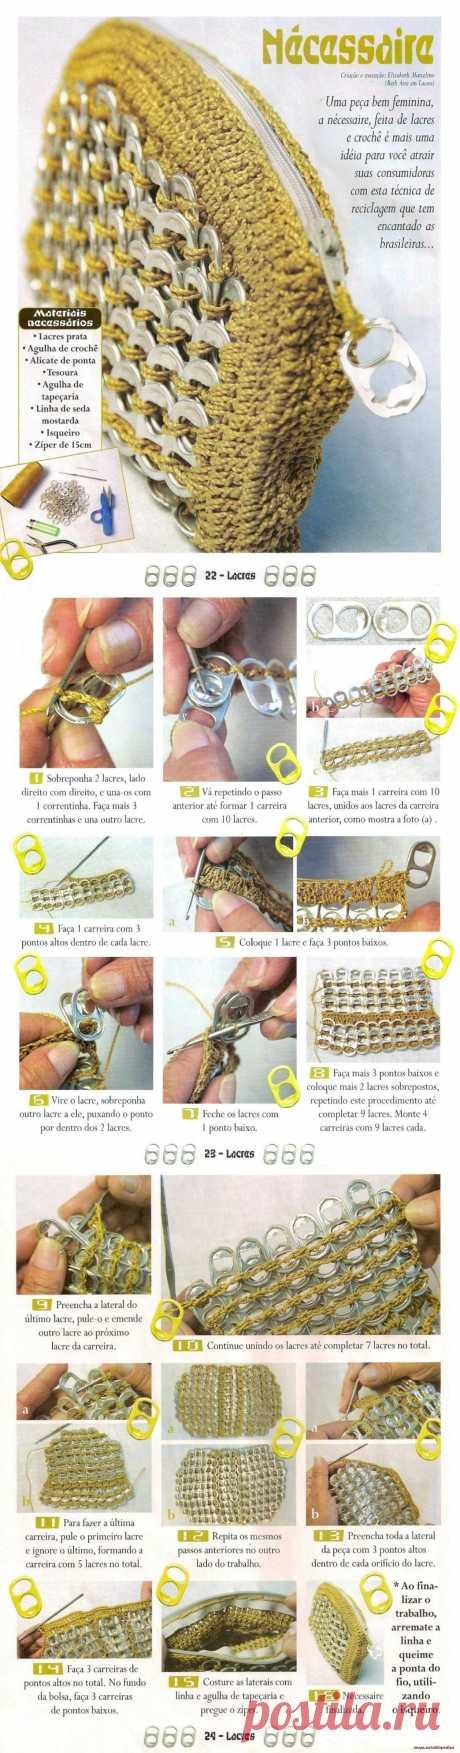 Клатч с кольцами-ключами от жестяных банок